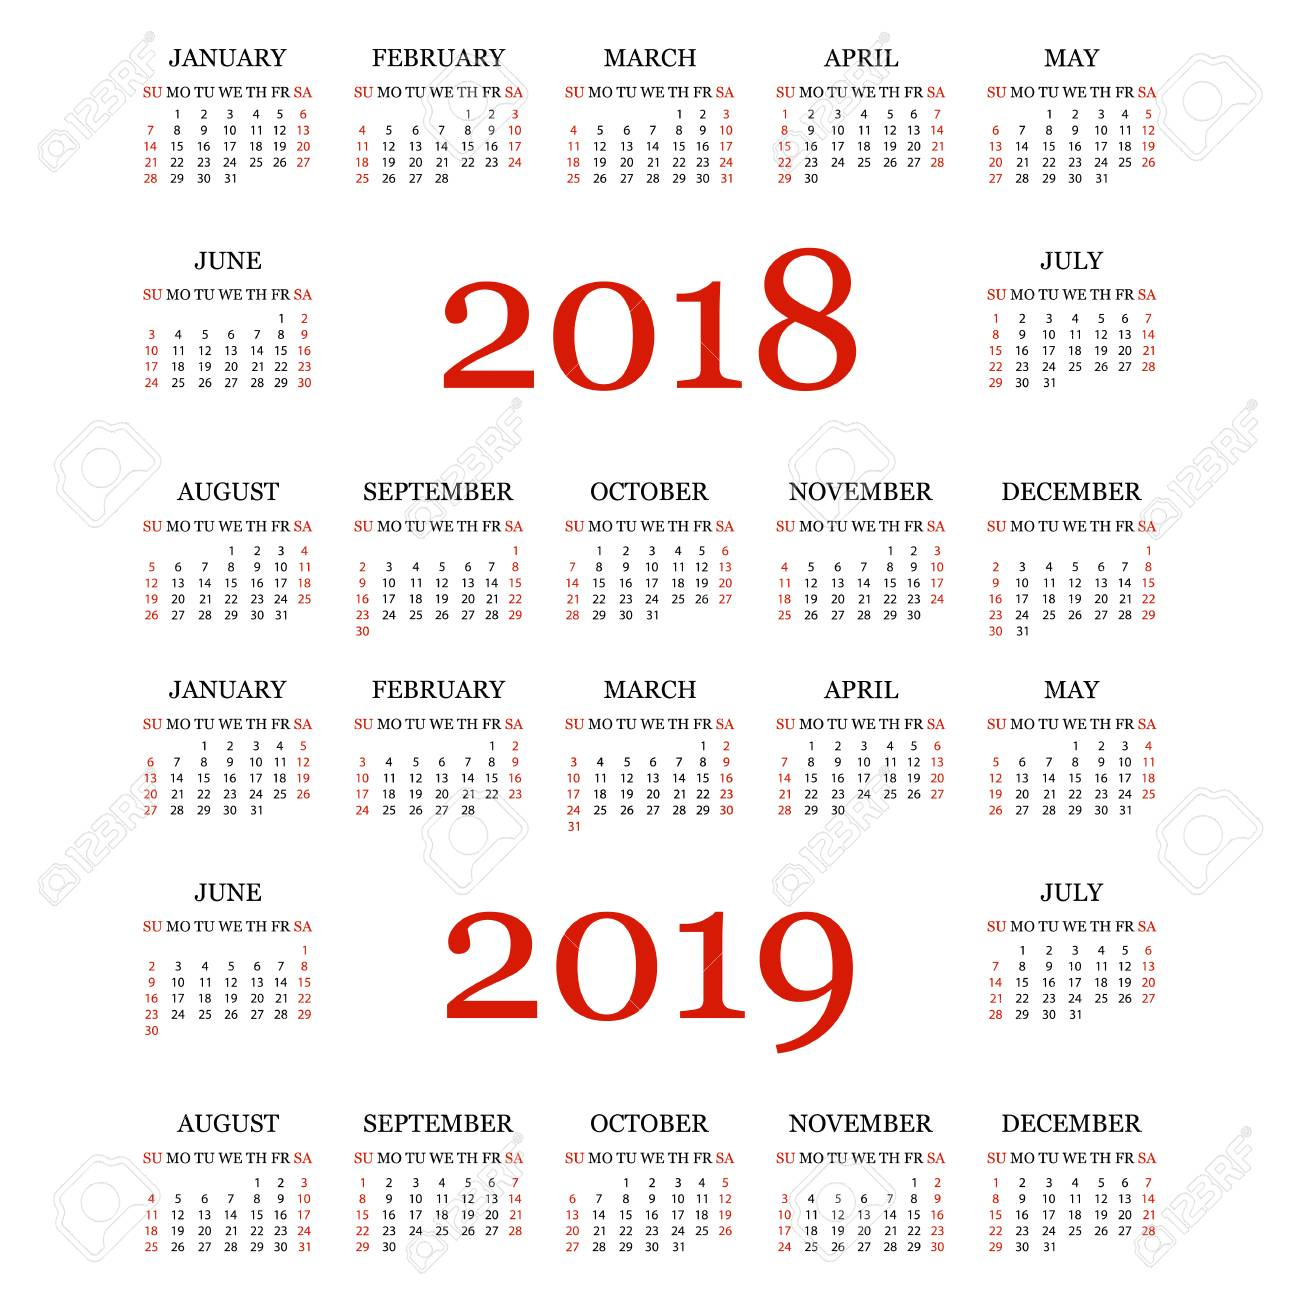 Calendario En Blanco.Calendario 2018 2019 Plantilla De Calendario Simple Para El Ano 2018 Y 2019 Fondo Blanco Ilustracion Vectorial